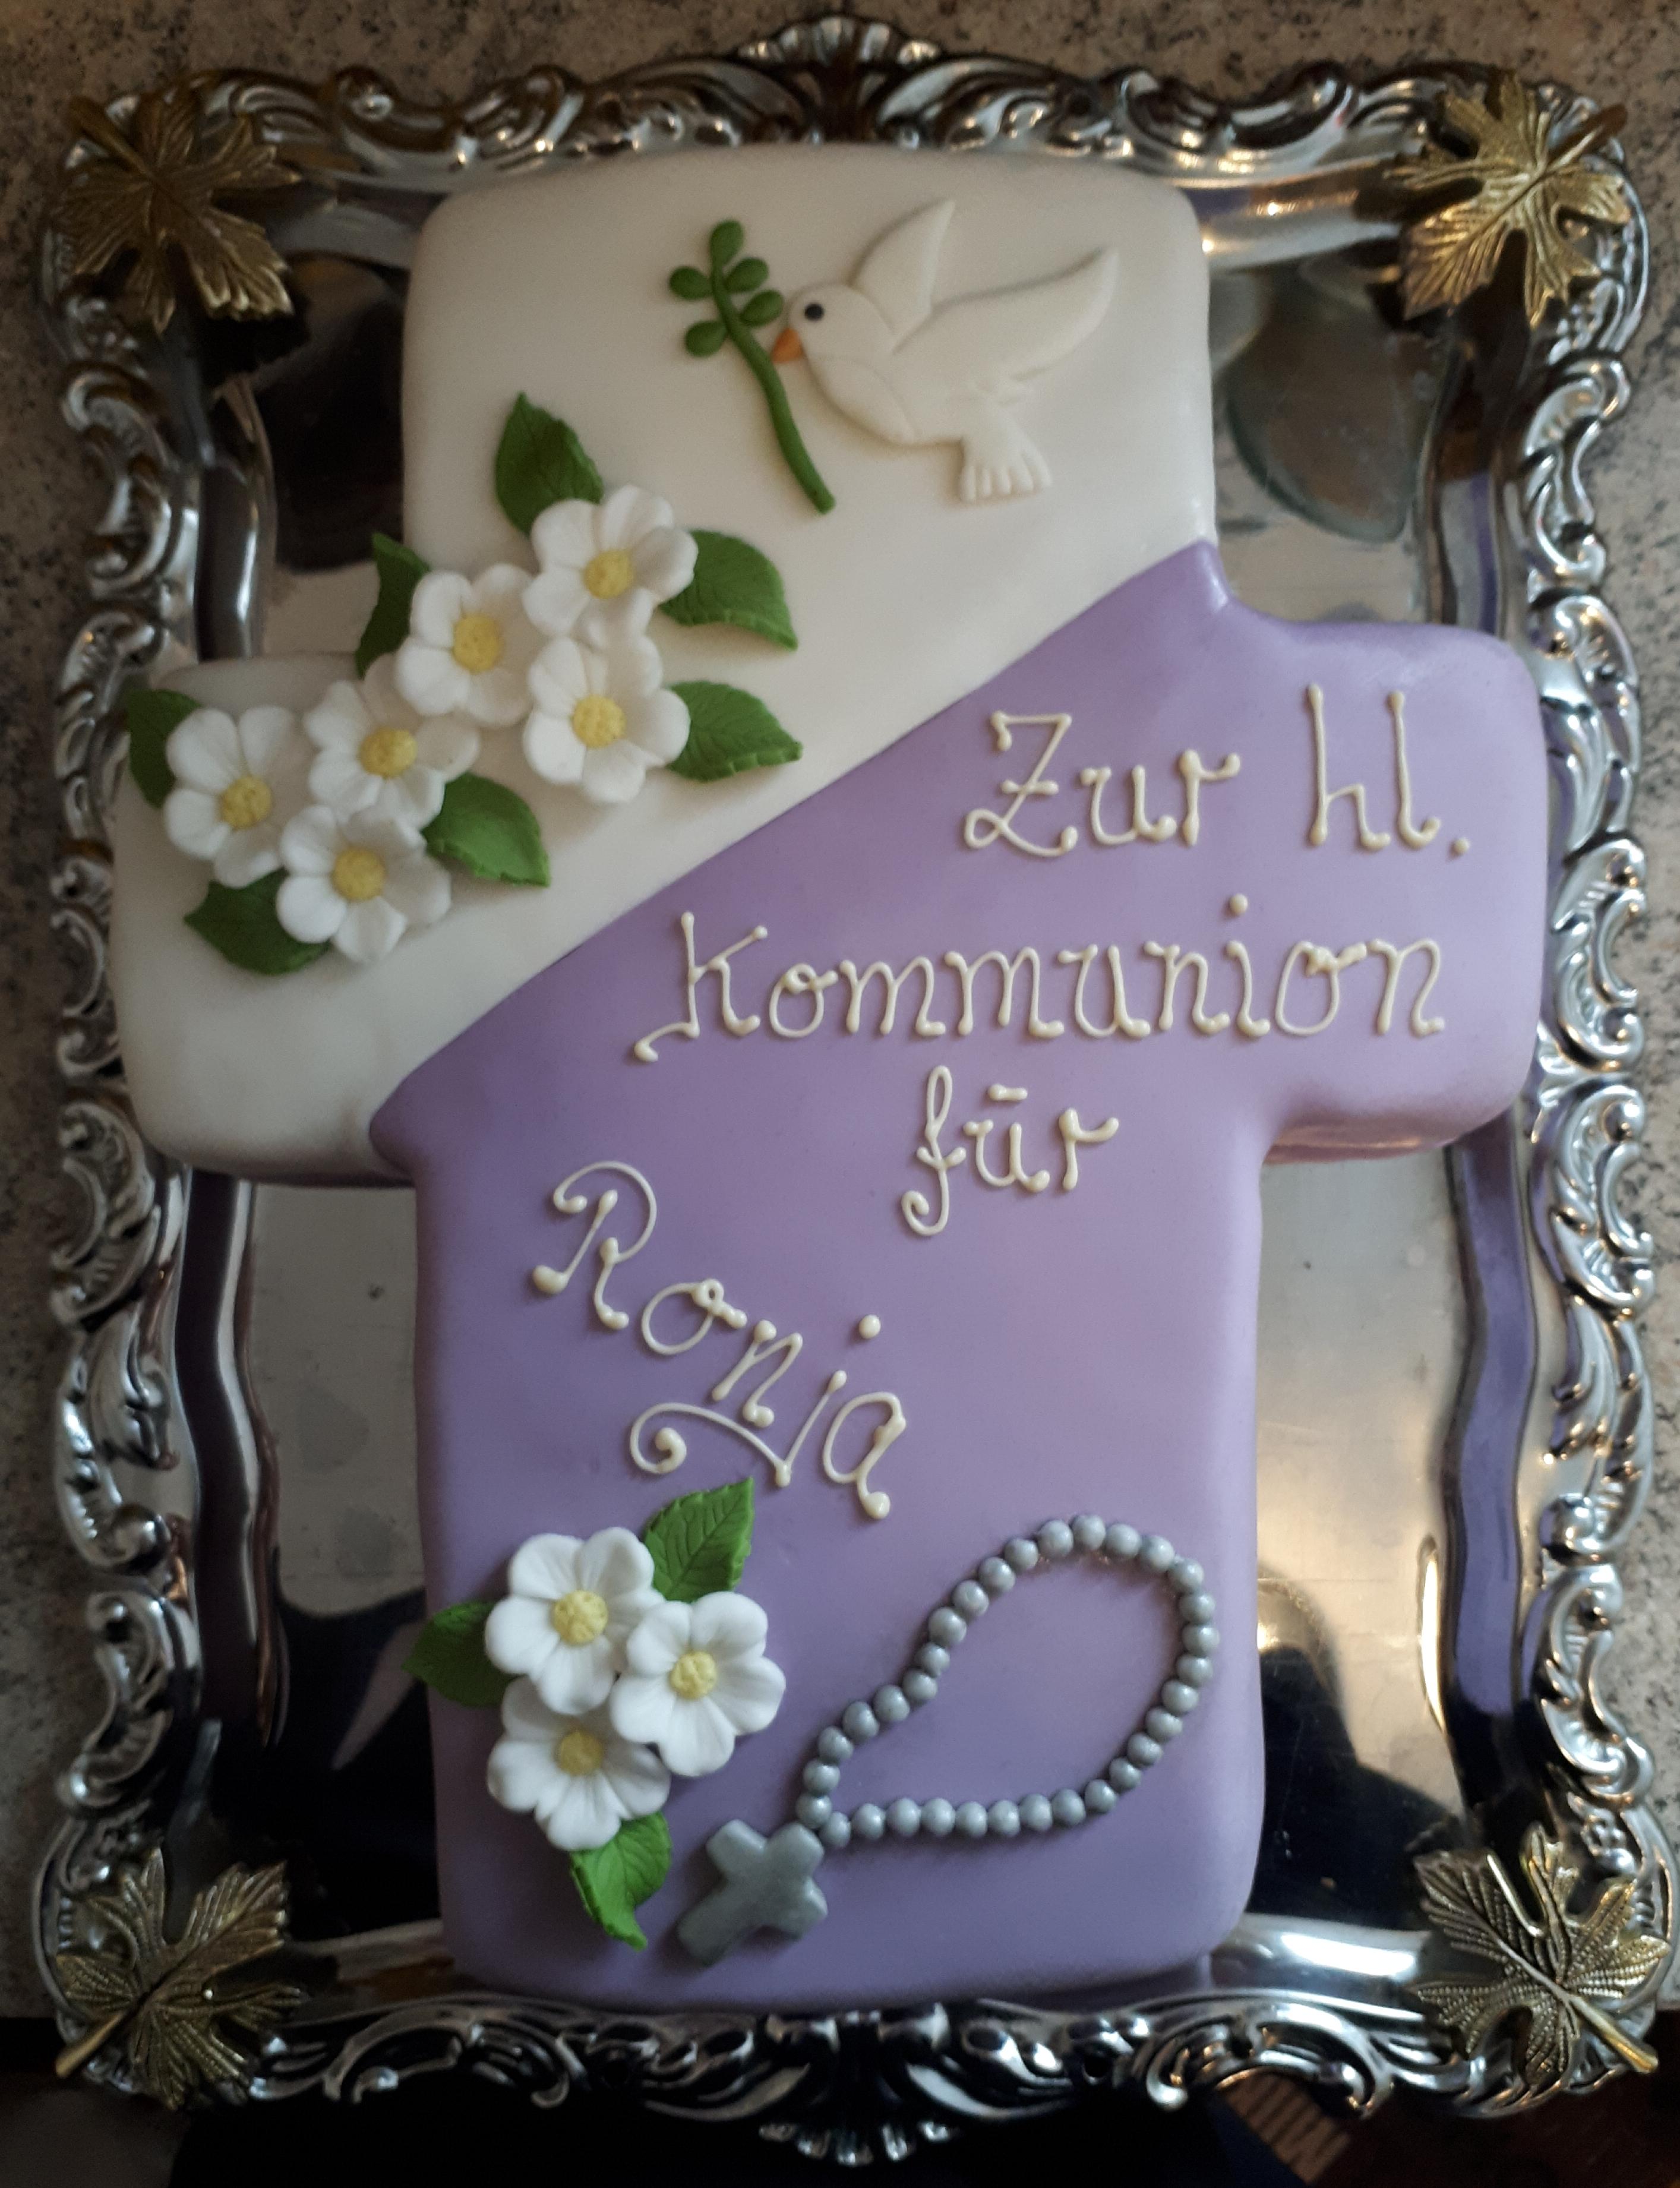 Tortenaufsatz Tortendeko Kommunion Konfirmation Tortenfigur Junge Bube